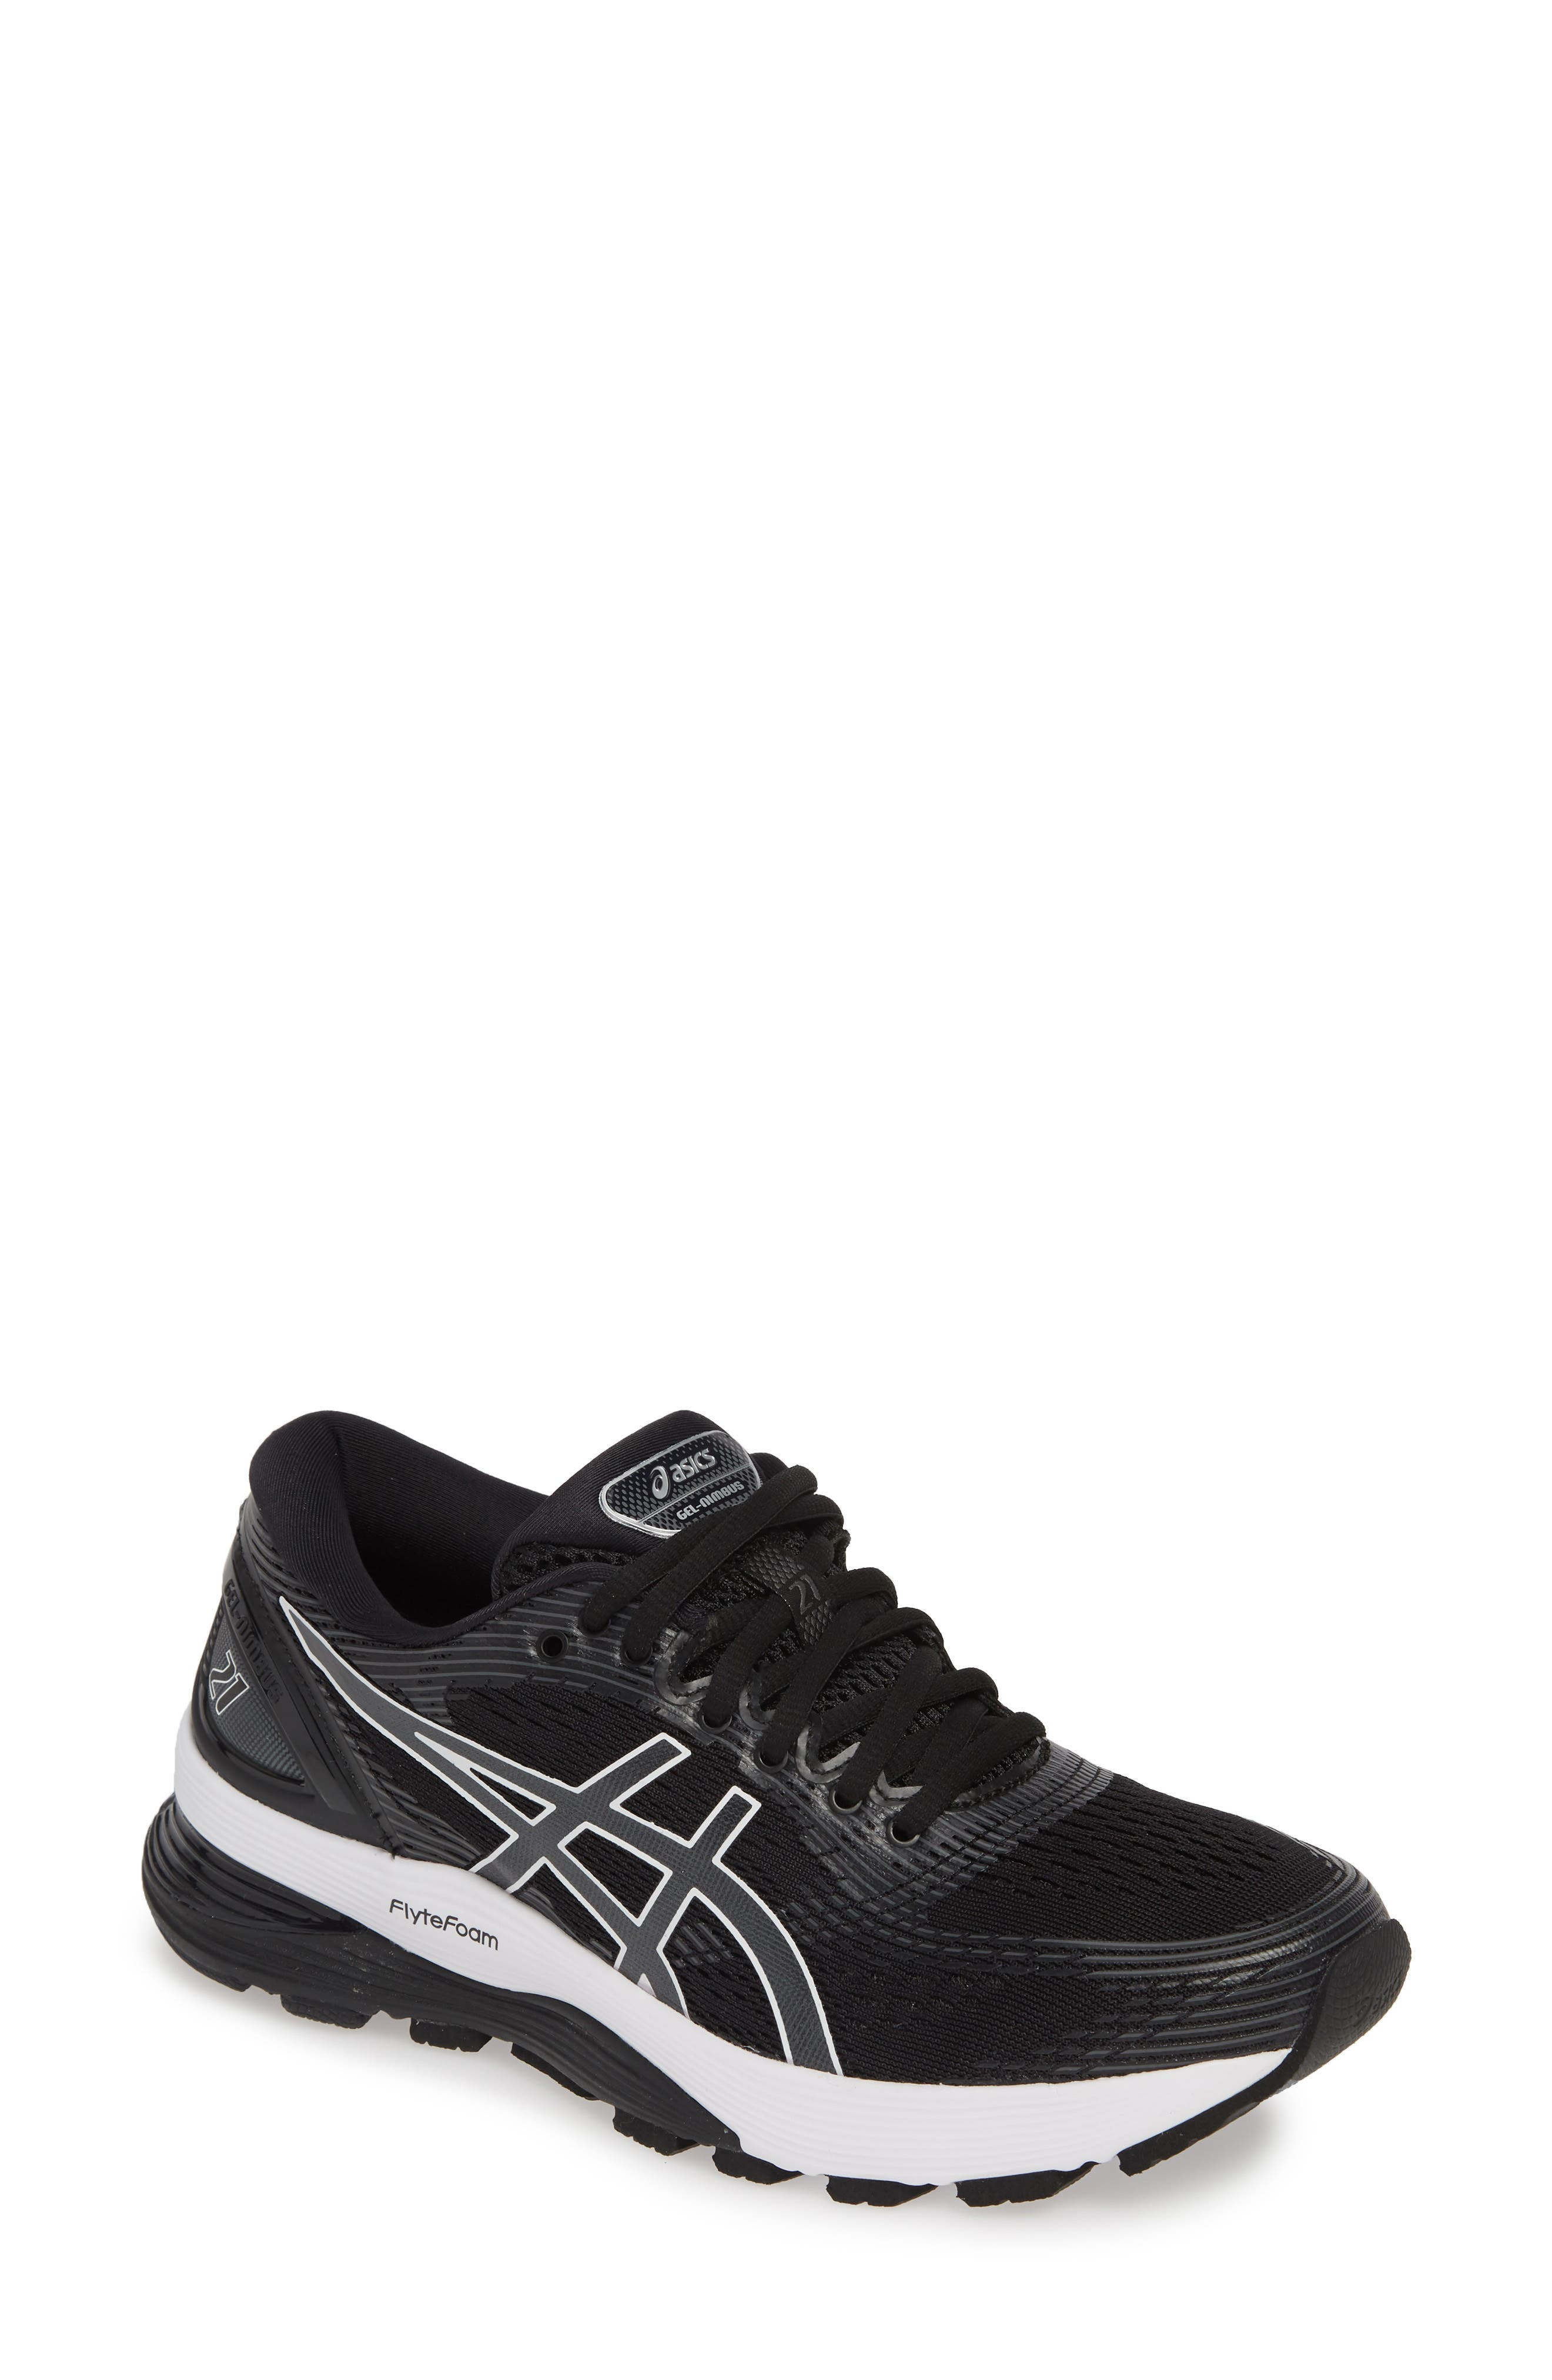 Asics Gel-Nimbus 21 Running Shoe, Black